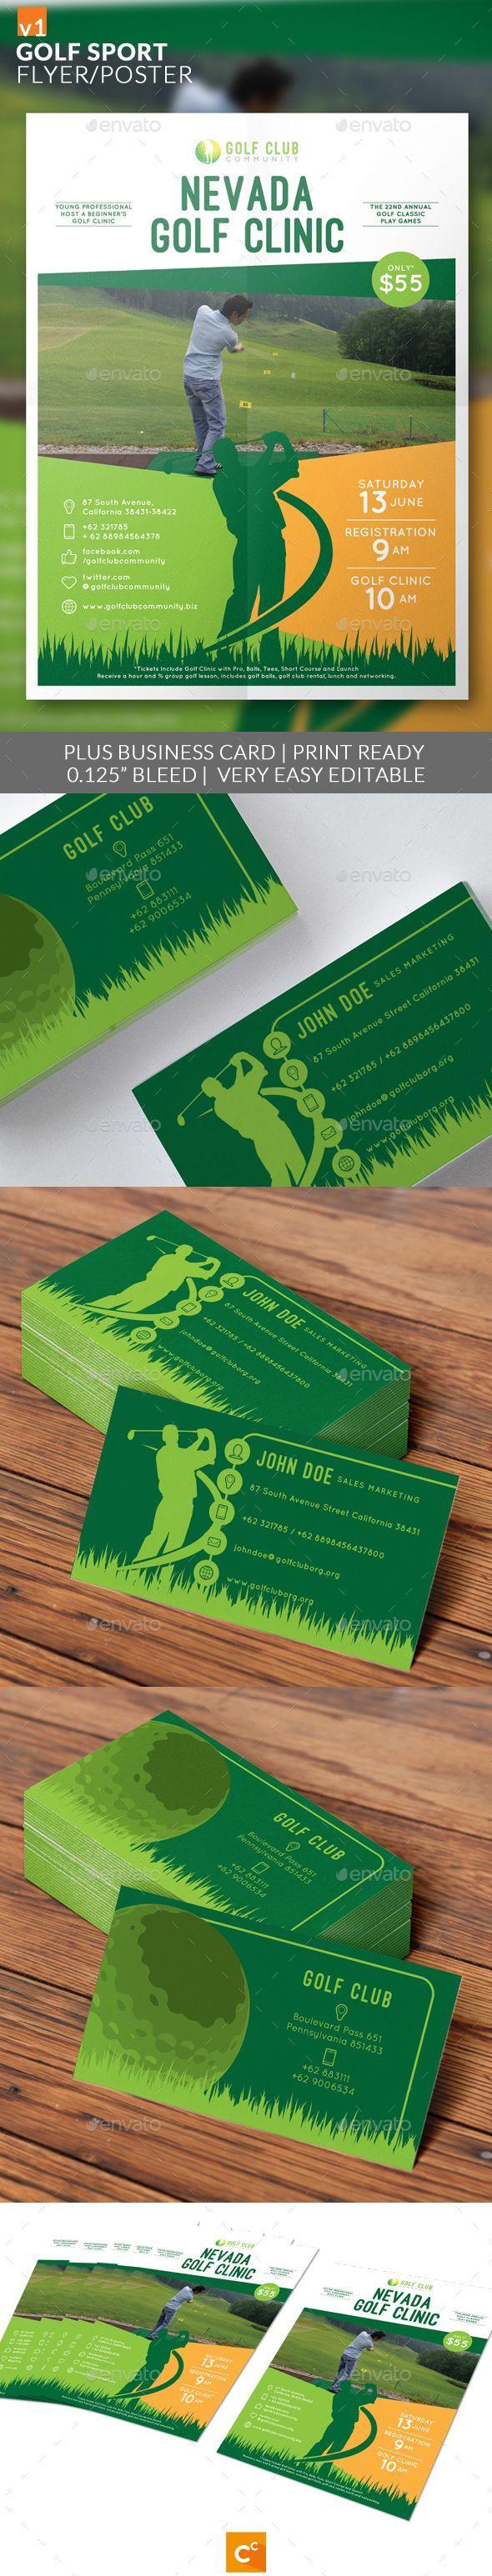 Golf Sport Flyer/Poster by CreativeComplex Golf Sport Flyer/Poster Flyer design template made on sport or golf theme with simple contents. The artwork contains golfer silhou -> Für Golf SALE und Golf Bestseller klicken!